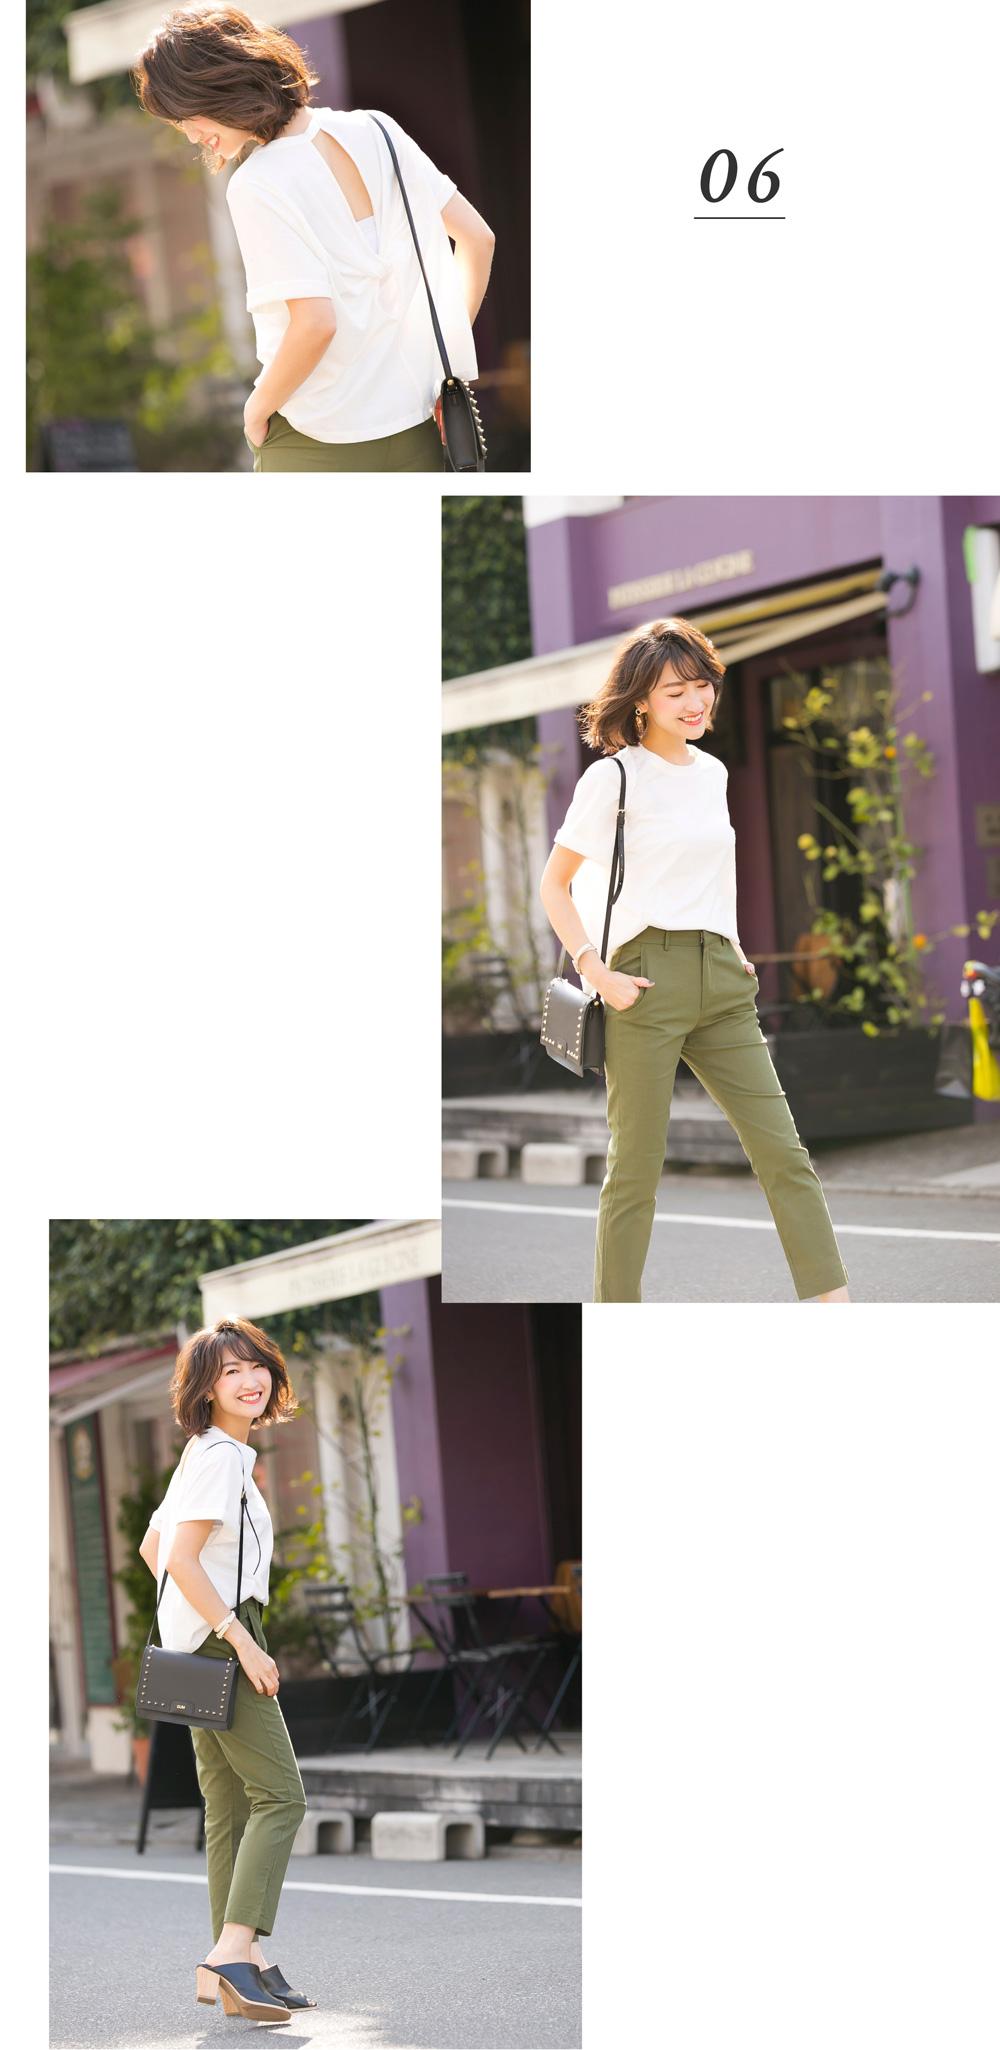 金子麻貴さんがプルオーバーにストレートパンツを合わせたコーデでポージング